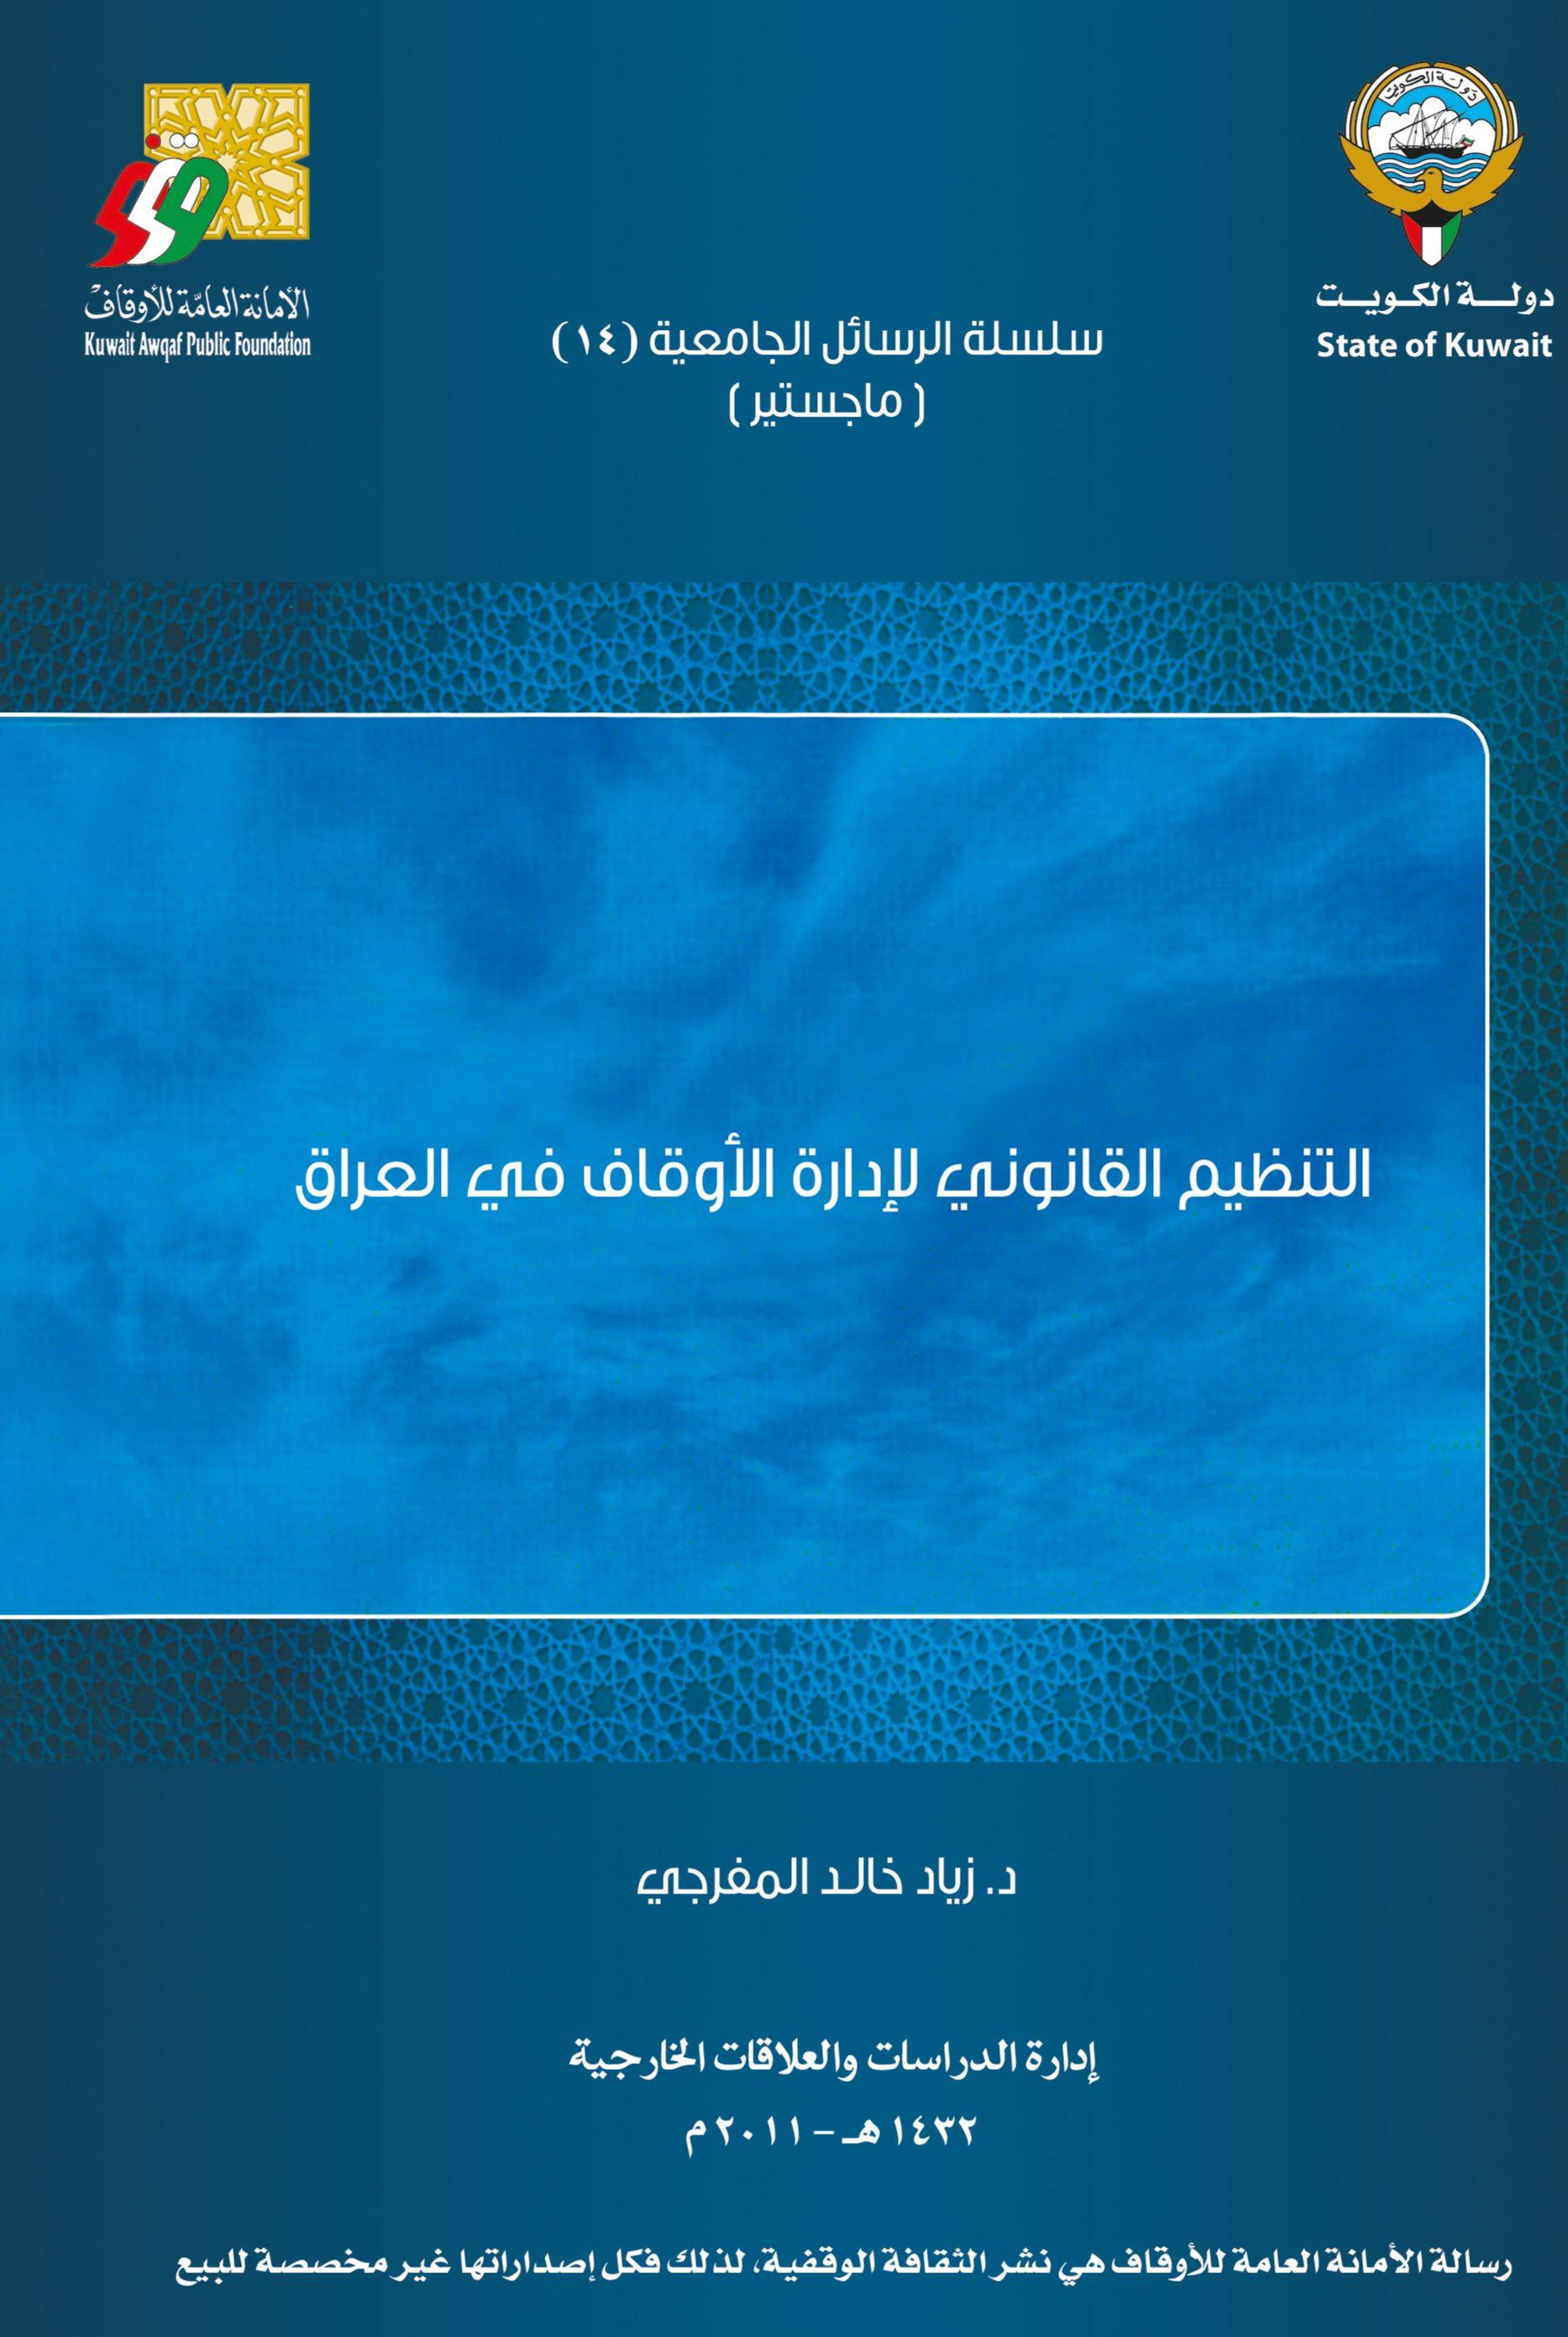 التنظيم القانونى لإدارة الأوقاف فى العراق